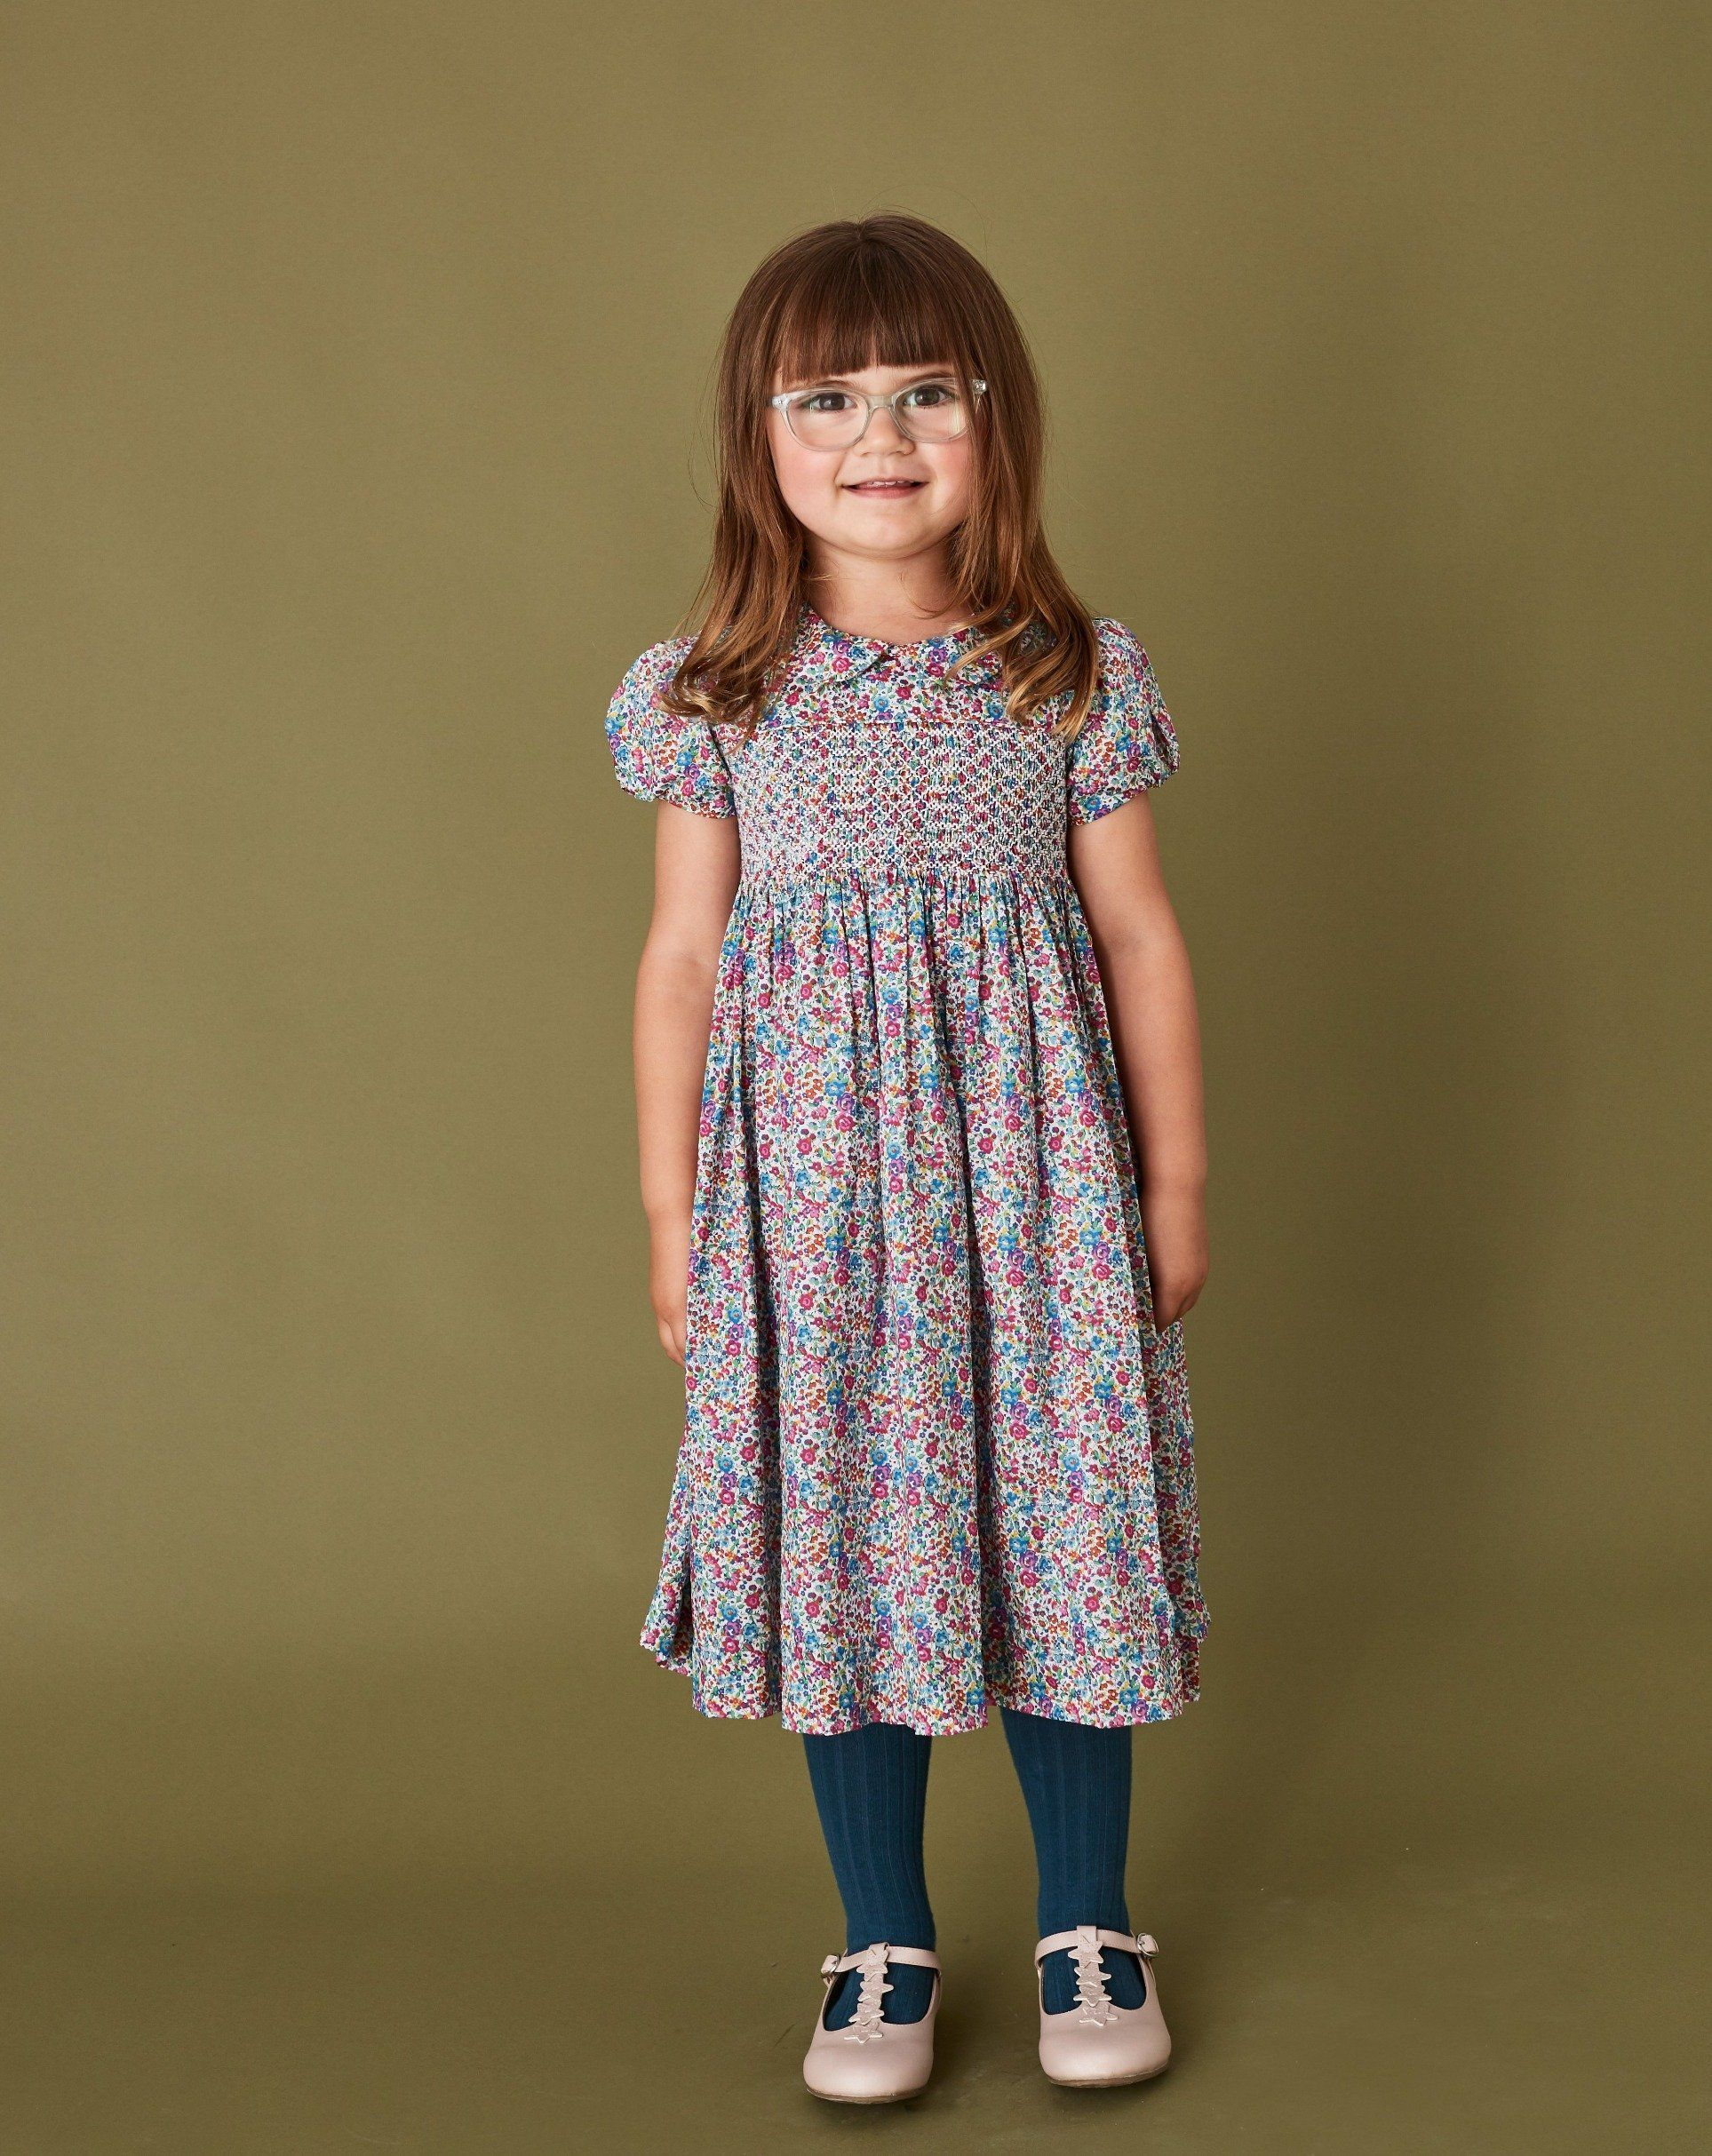 Liberty Print Girls Dress - Catalina - 5-6